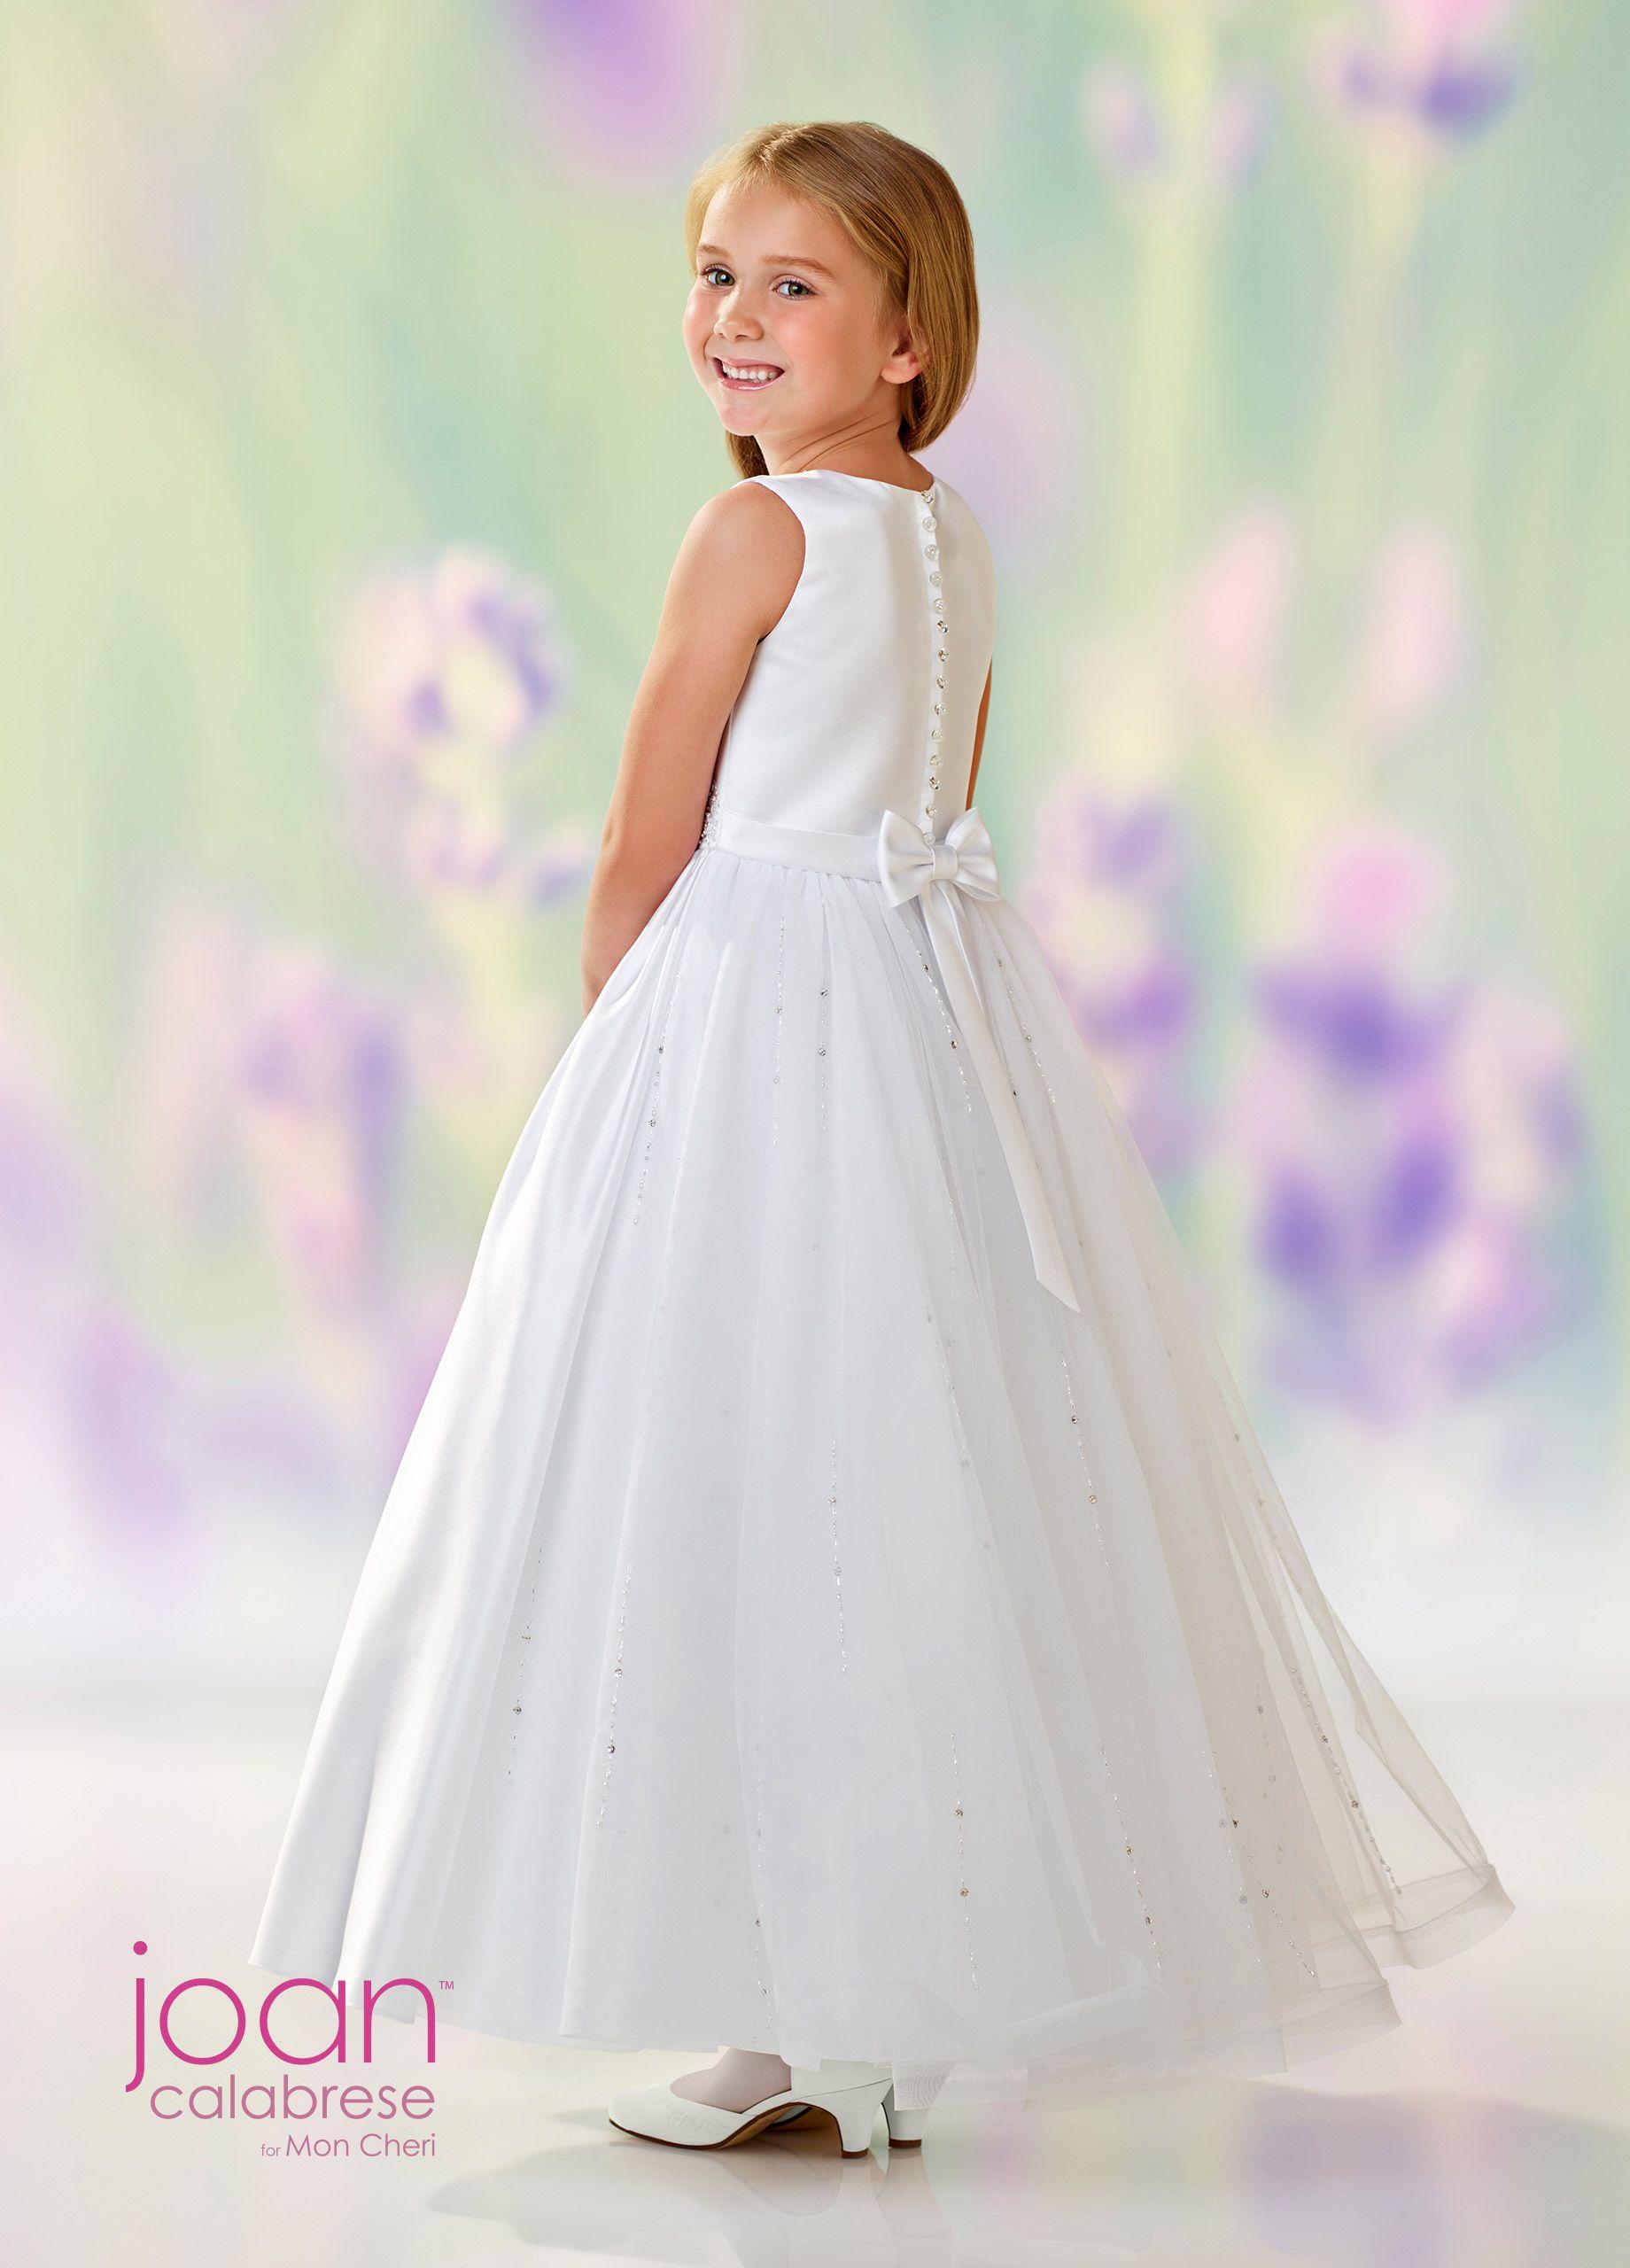 Joan calabrese flower girl dresses flower girl dresses